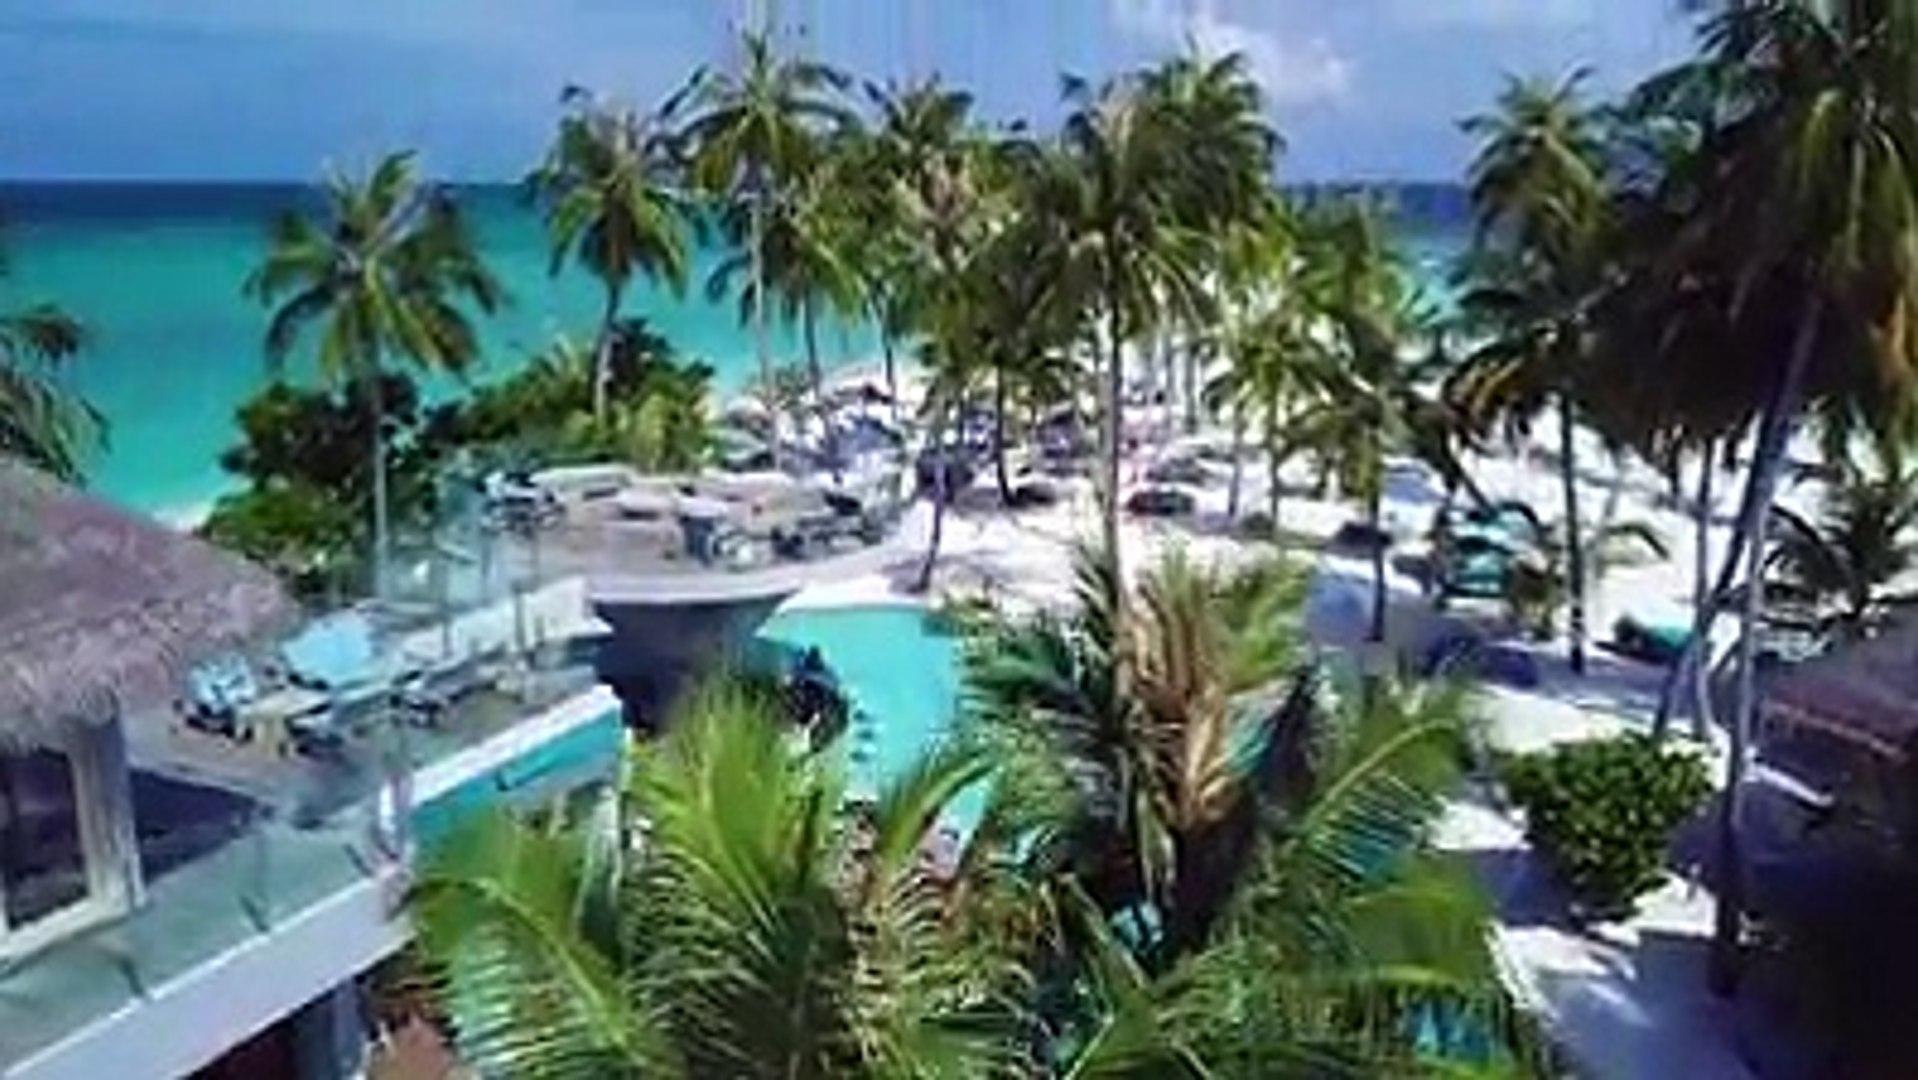 或許每個人對於馬爾地夫印象最深刻的是那美到心房裡的清澈海水那是因為還沒有見識過Finolhu Baa Atoll 獨一無二的超長拖尾沙灘可是會讓人震撼到產生走在印度洋海面上的錯覺呢!!! Line台北